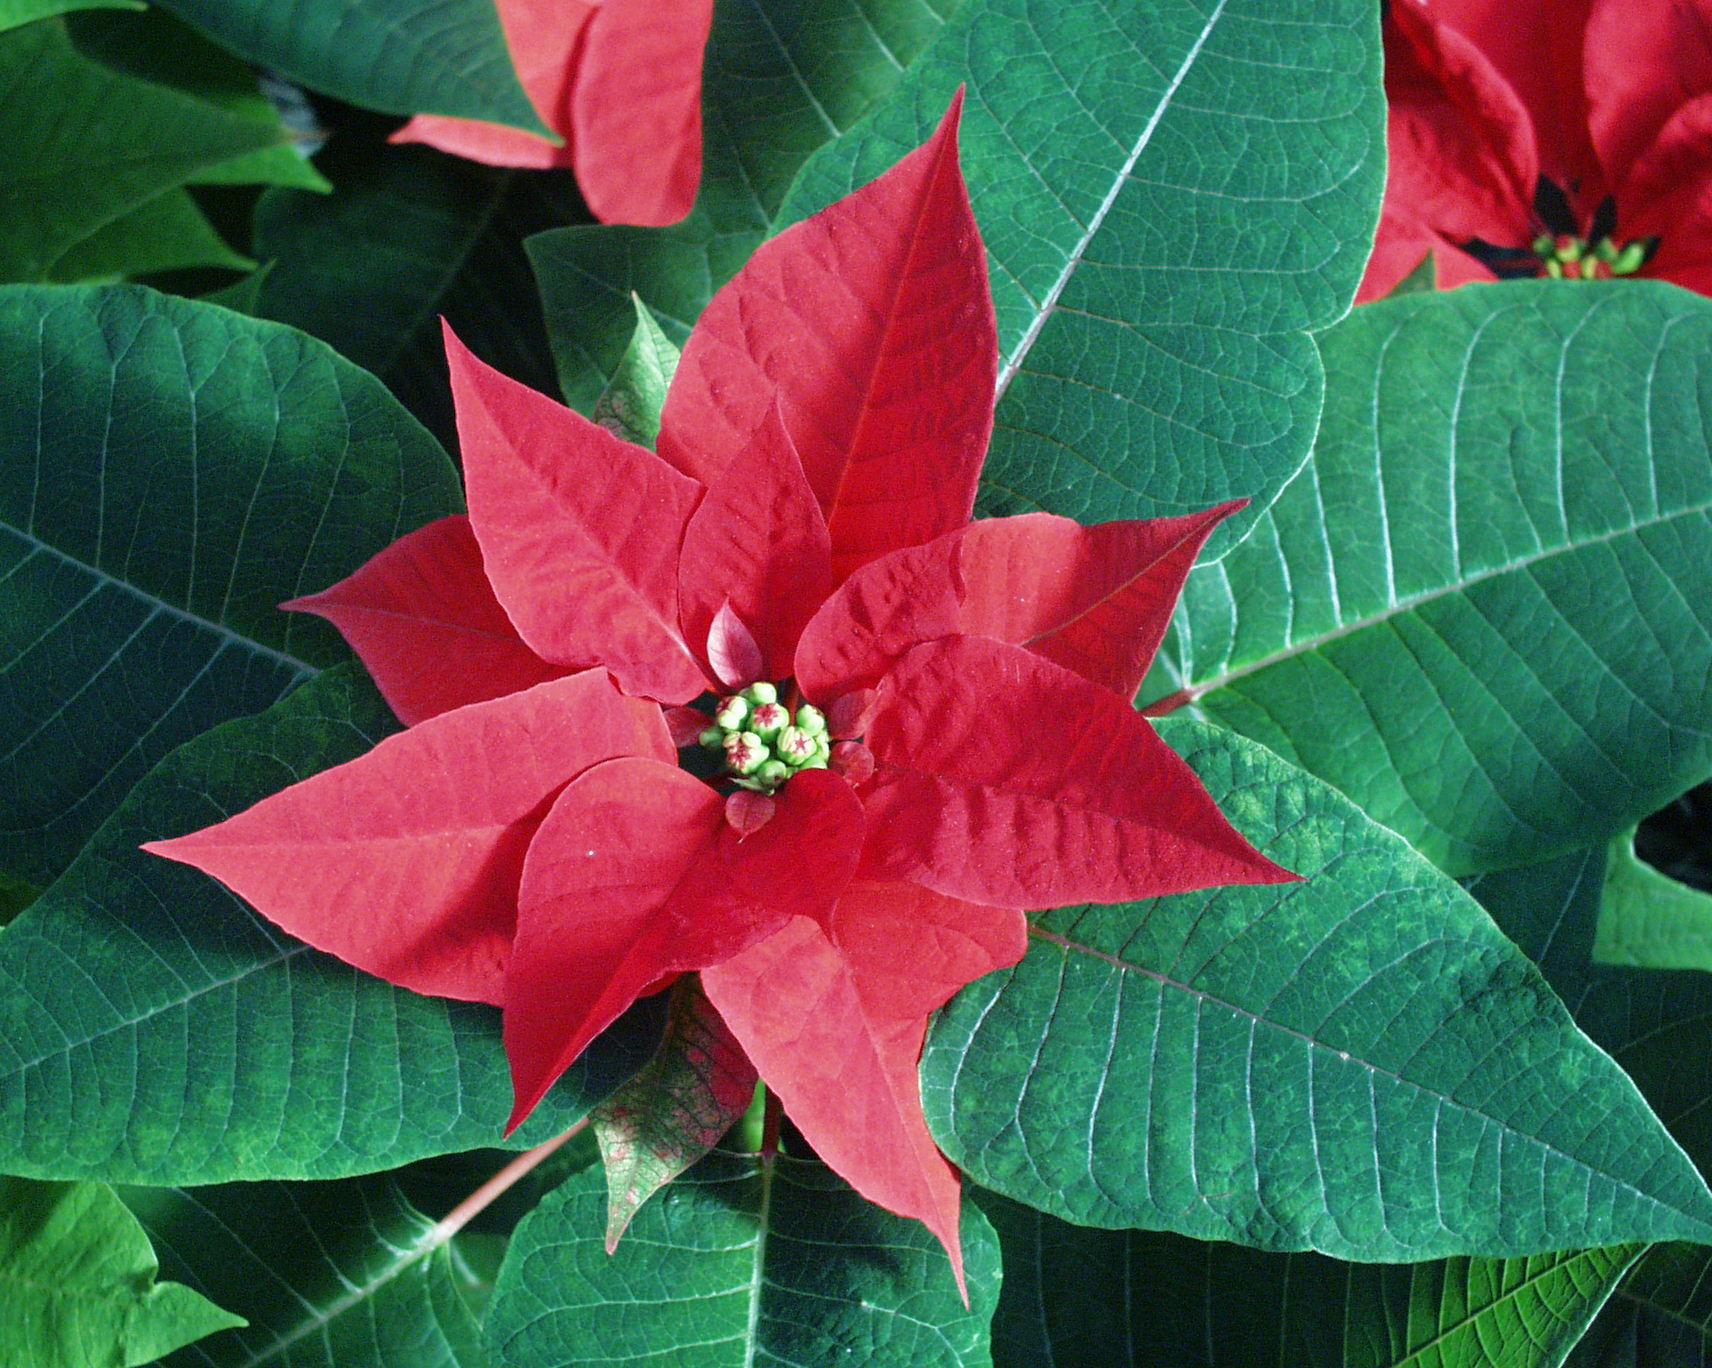 Weihnachtsstern | Bgbm bestimmt für Weihnachtsstern Bild